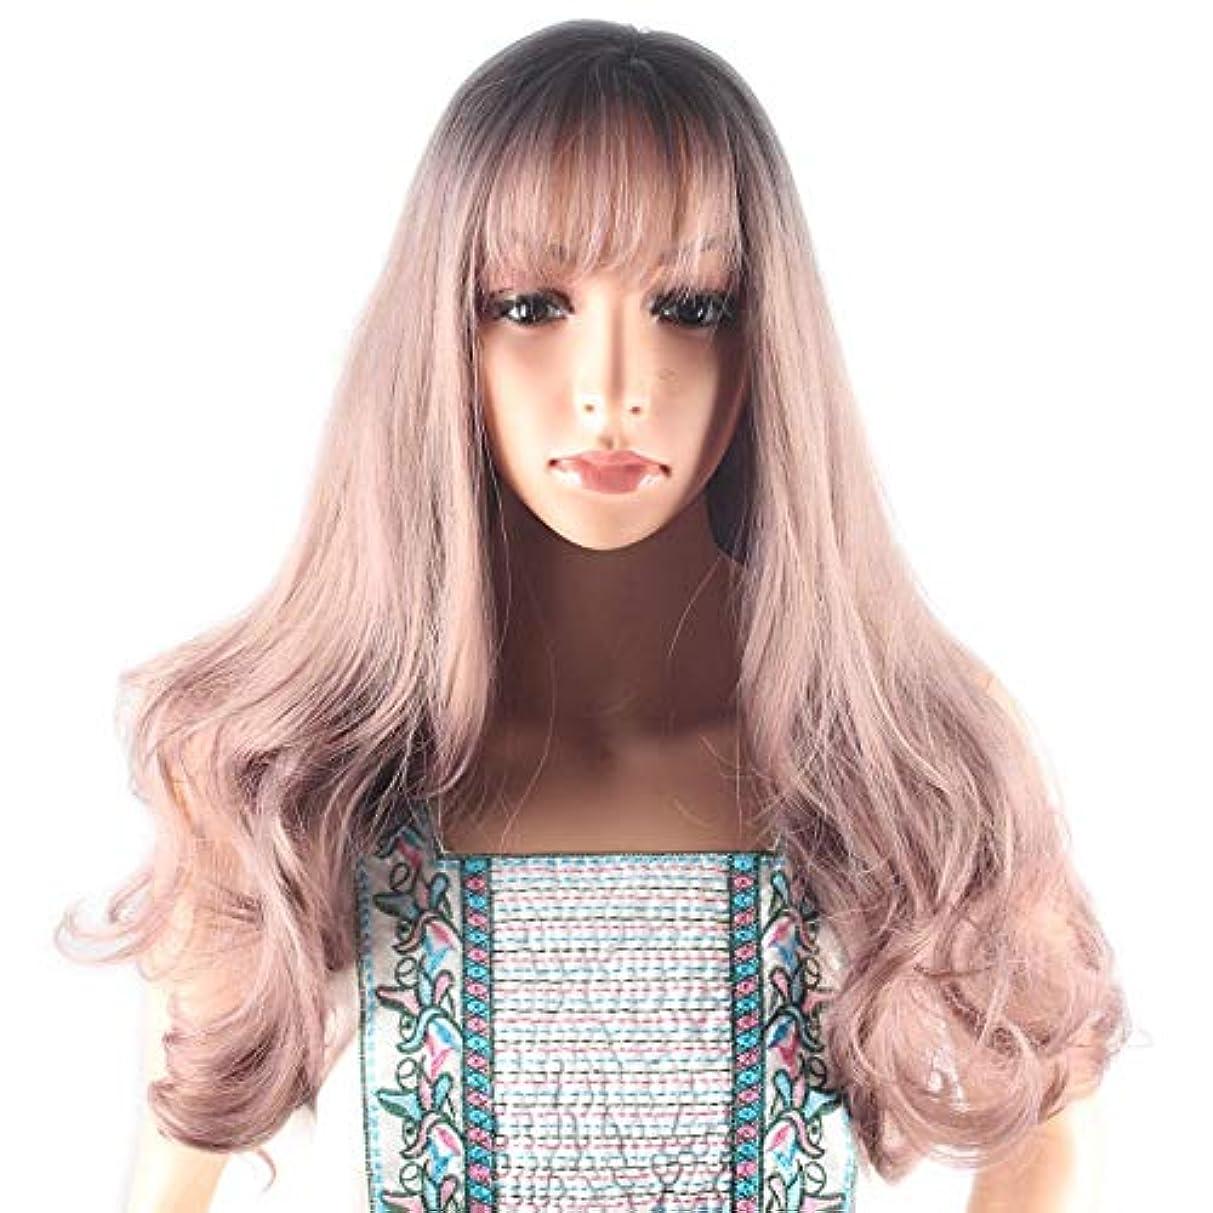 後退する遷移憂慮すべきHOHYLLYA 淡い紫色のかつら波状の長い巻き毛の前髪付き自然なグラデーションフルヘッド毎日のためのまたはコスプレパーティードレス女性のかつらレースのかつらロールプレイングかつら (色 : Photo Color, サイズ : 65cm)